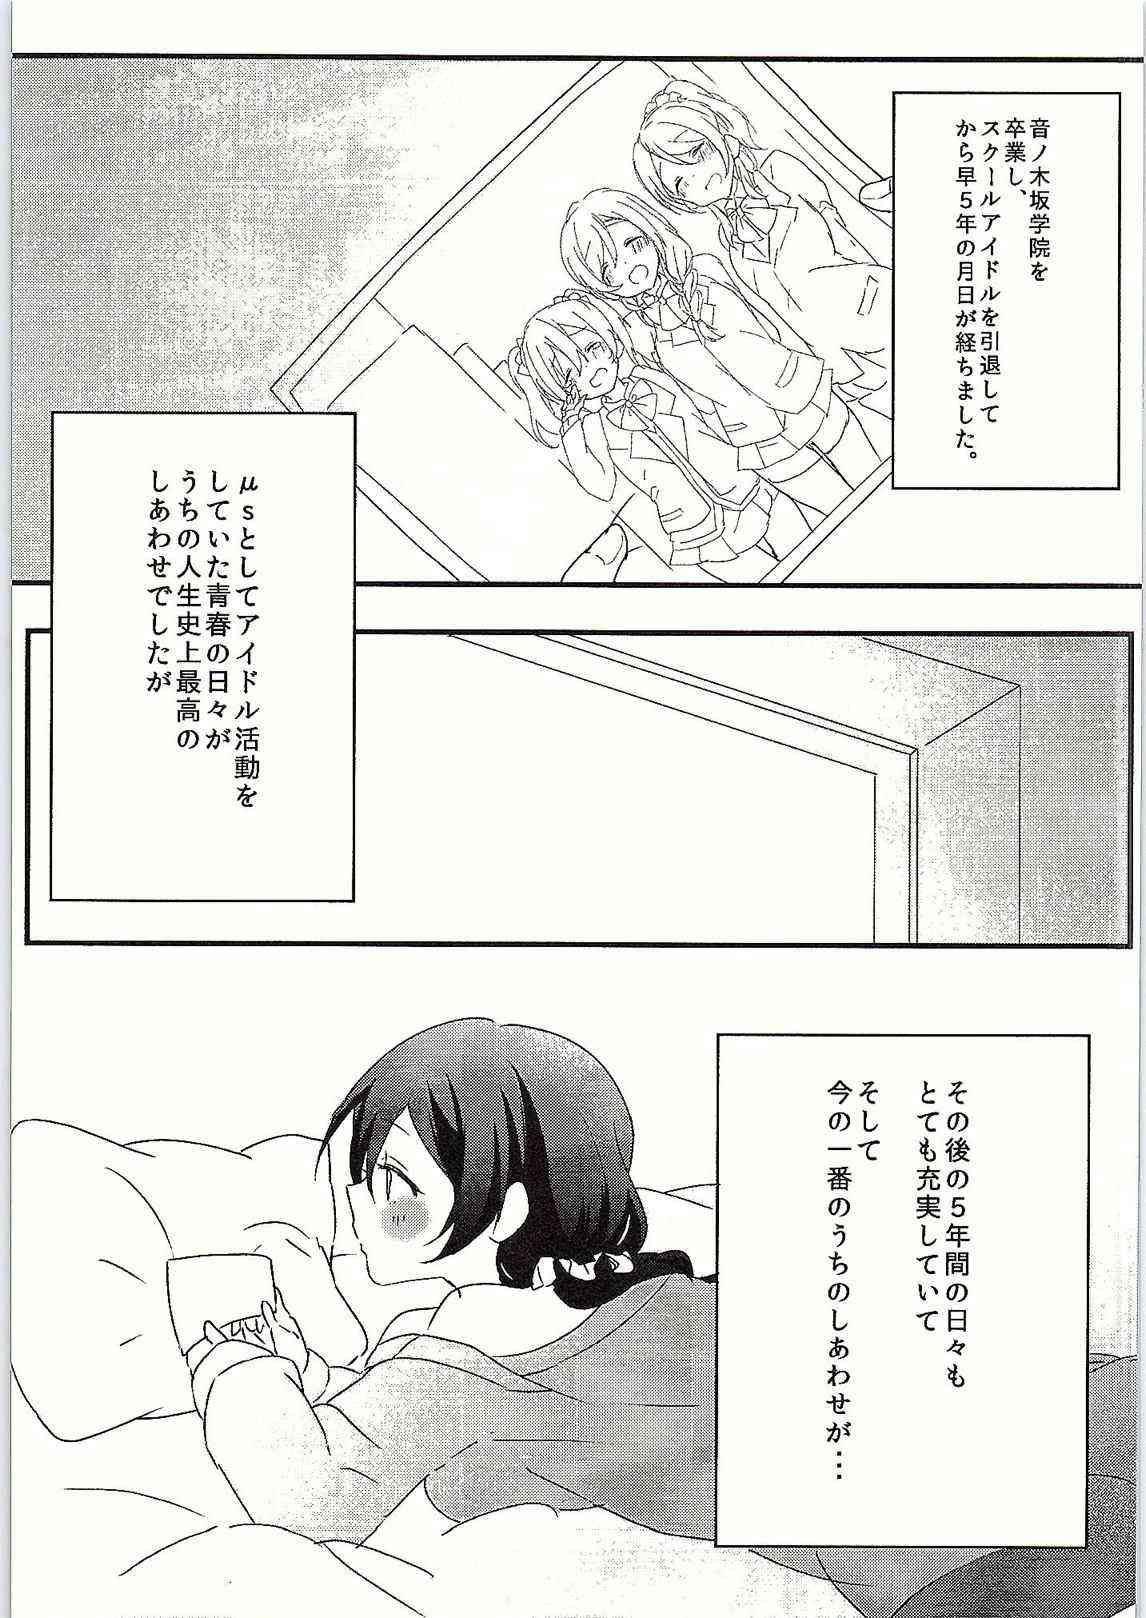 【エロ漫画】巨乳黒髪美少女の希にかわいいショタ彼氏ができて包茎チンポをご奉仕して激しい生ハメセックスしちゃってますwwwww